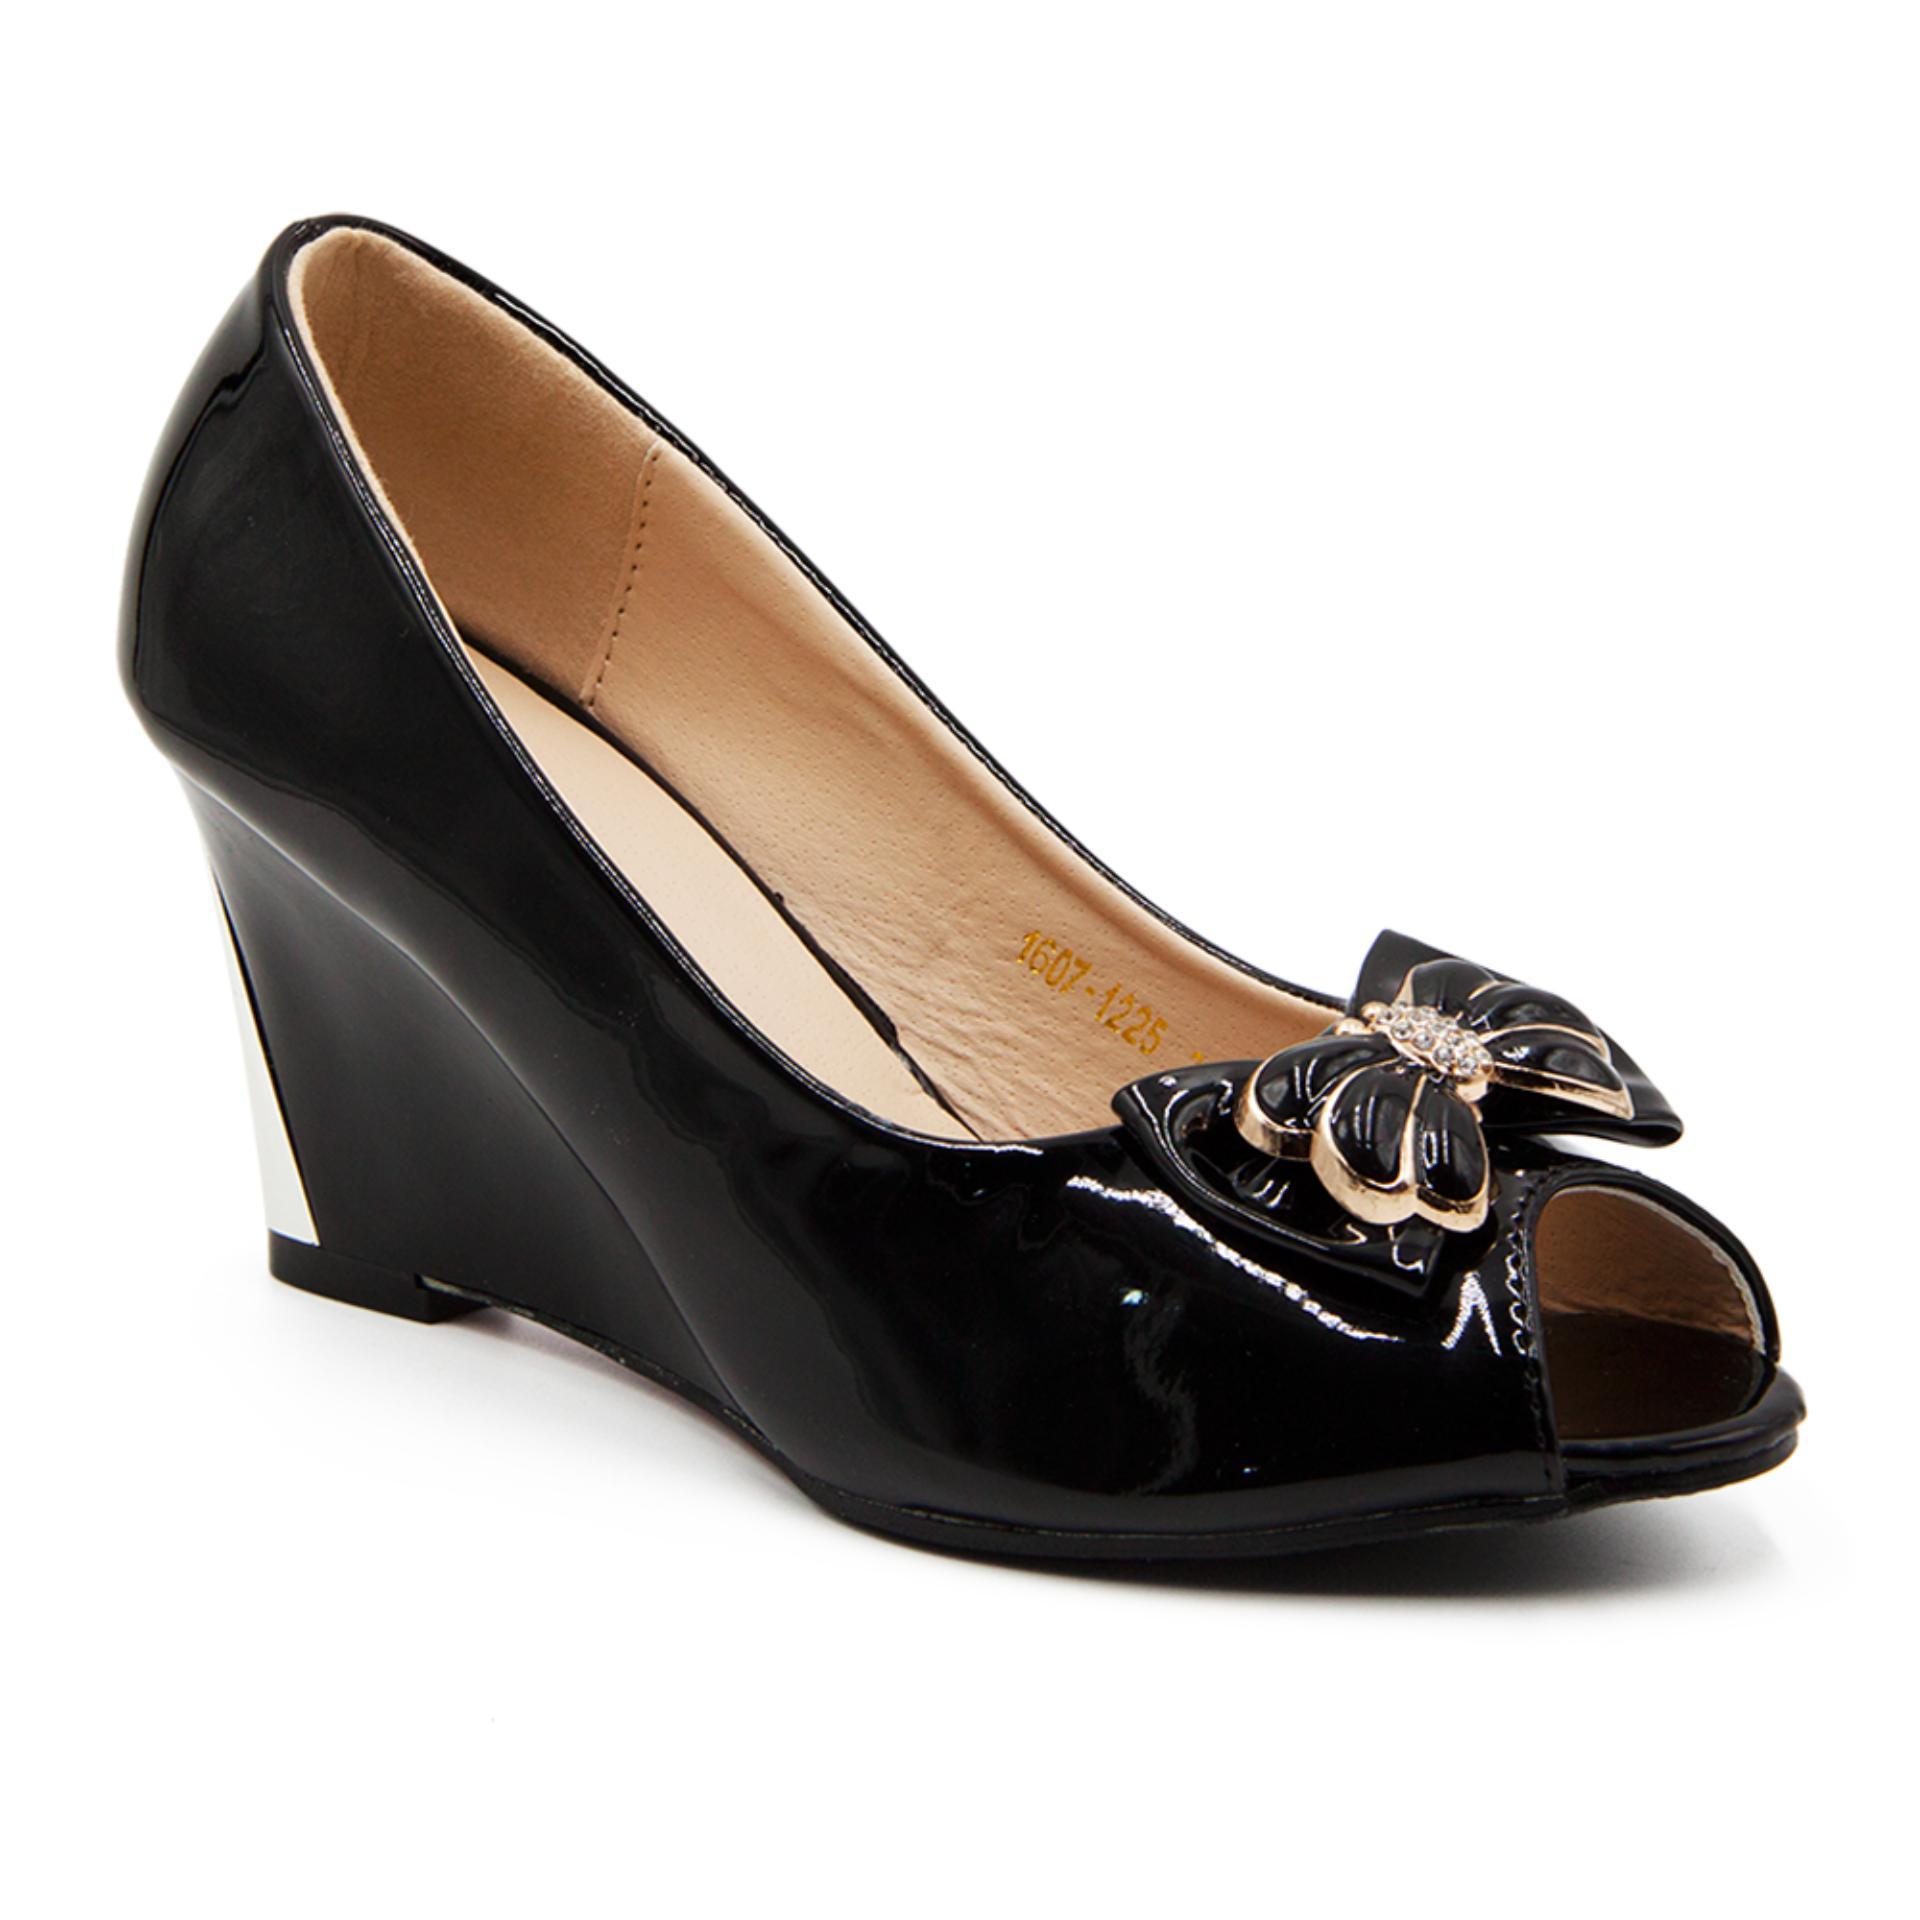 Toko Dea Sepatu Fantofel Wanita 1607 1225 Black Lengkap Di Indonesia